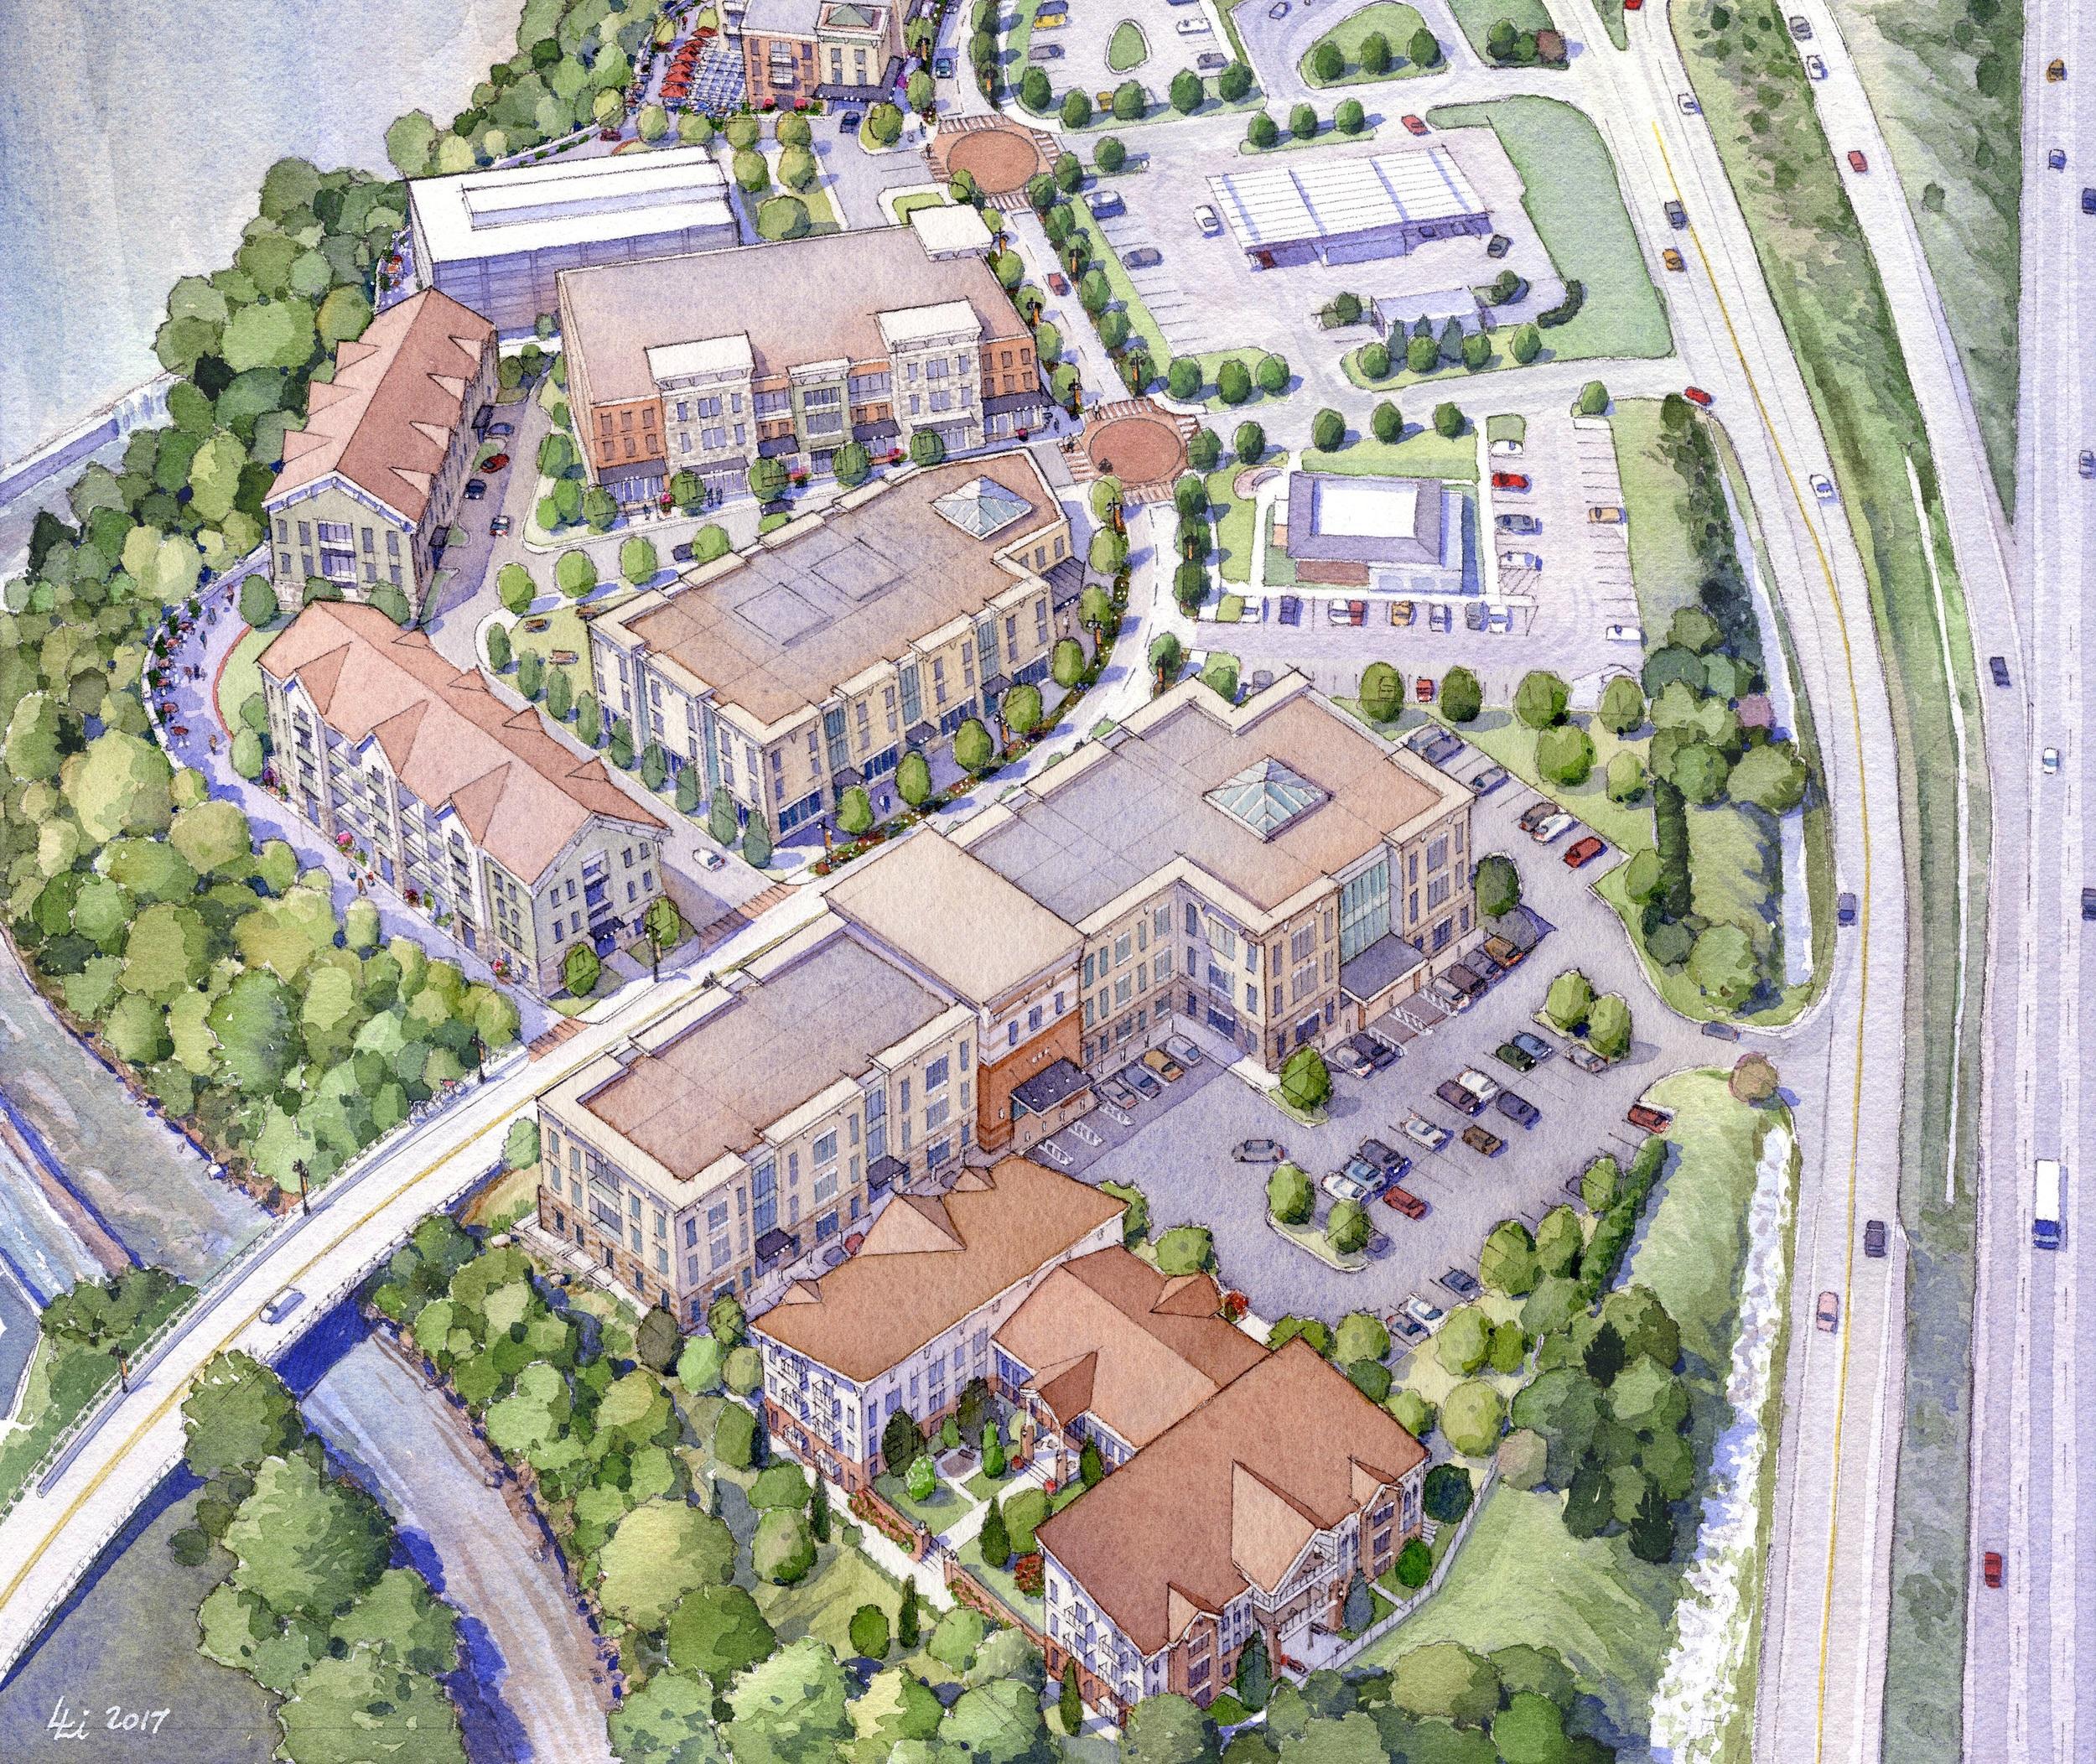 Lake Saint Louis Comprhensive Plan -